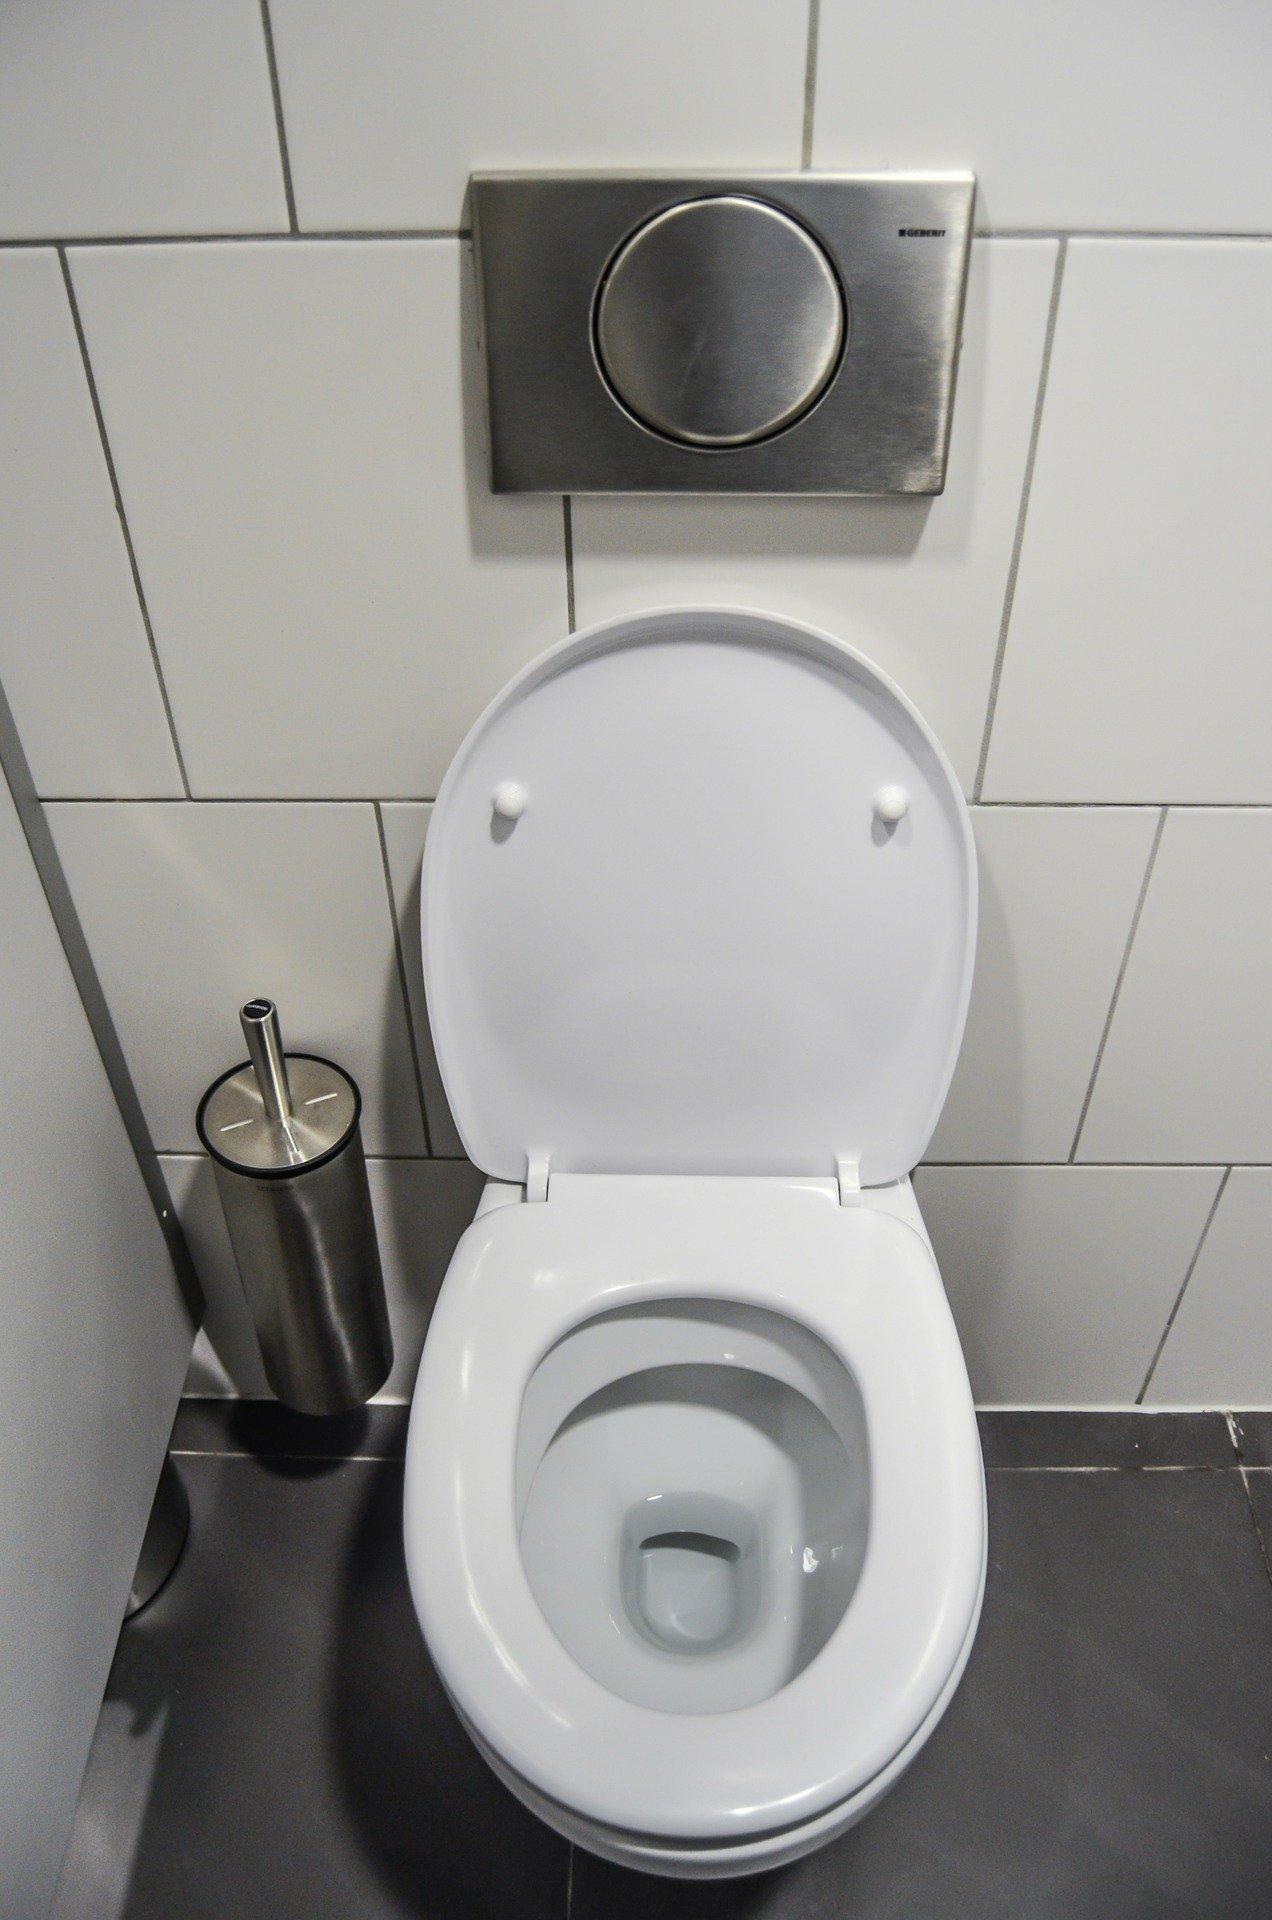 Pastille WC Maison